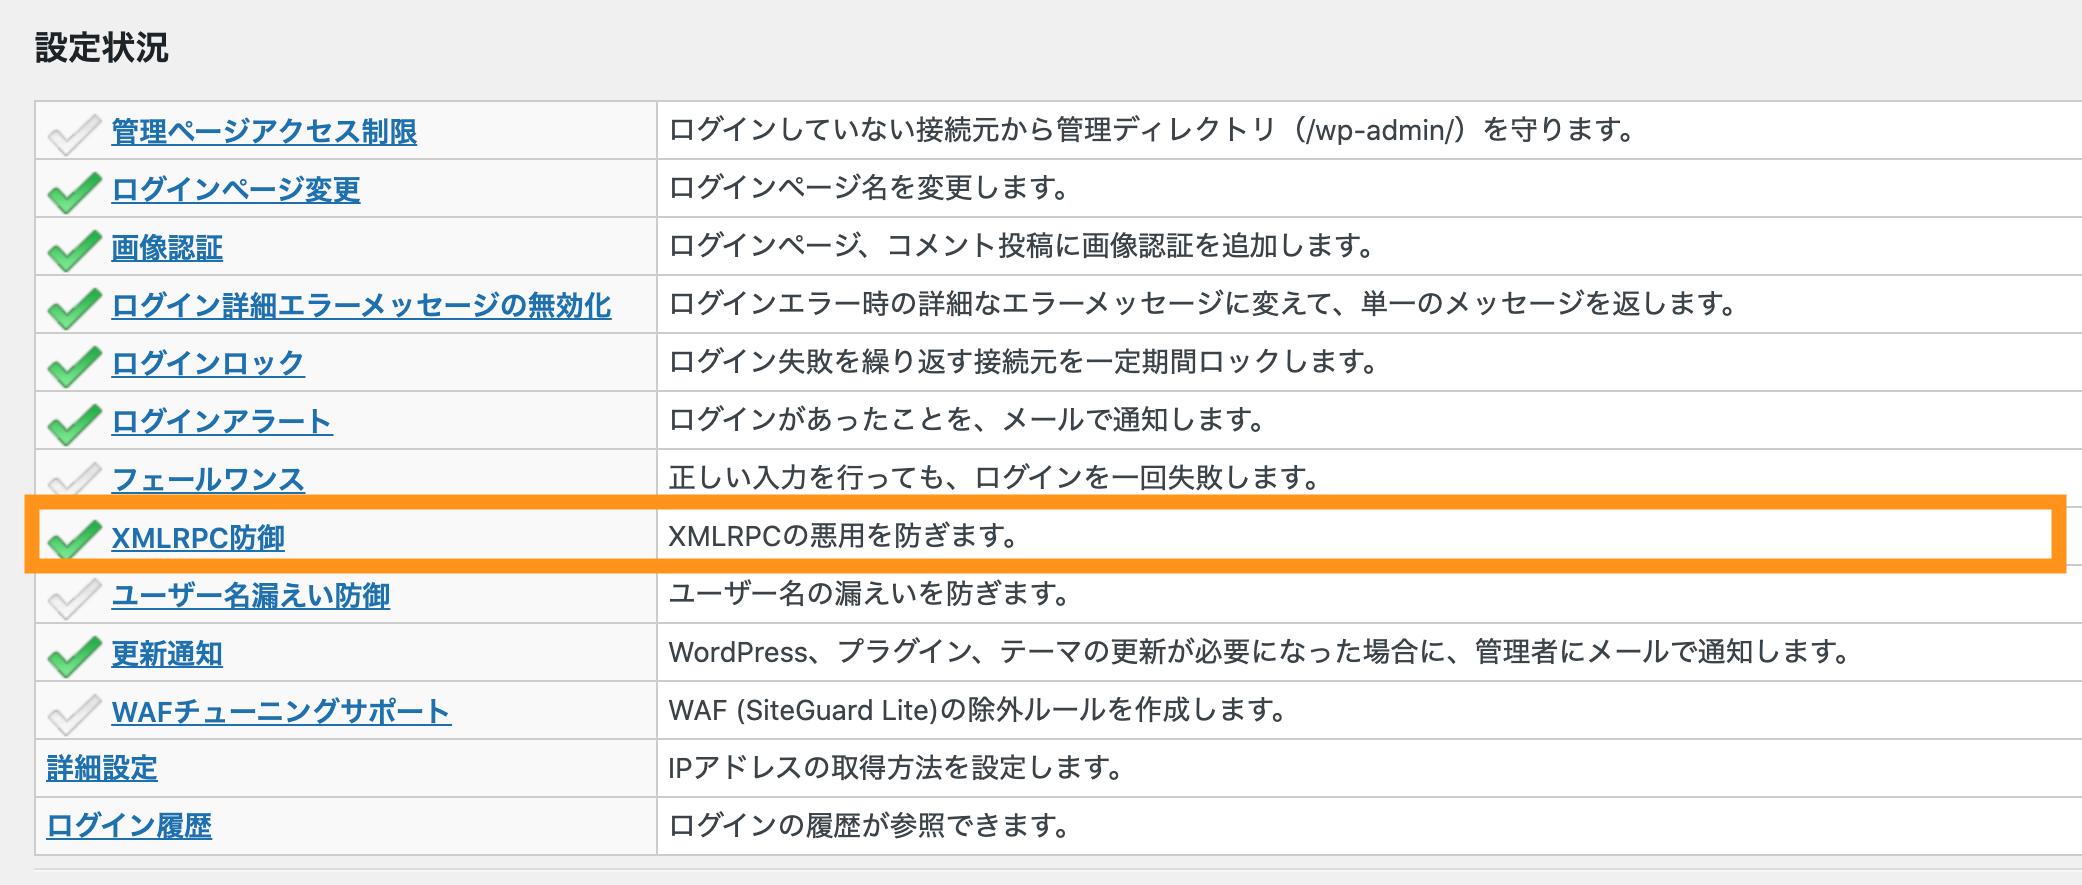 XMLRPC防御